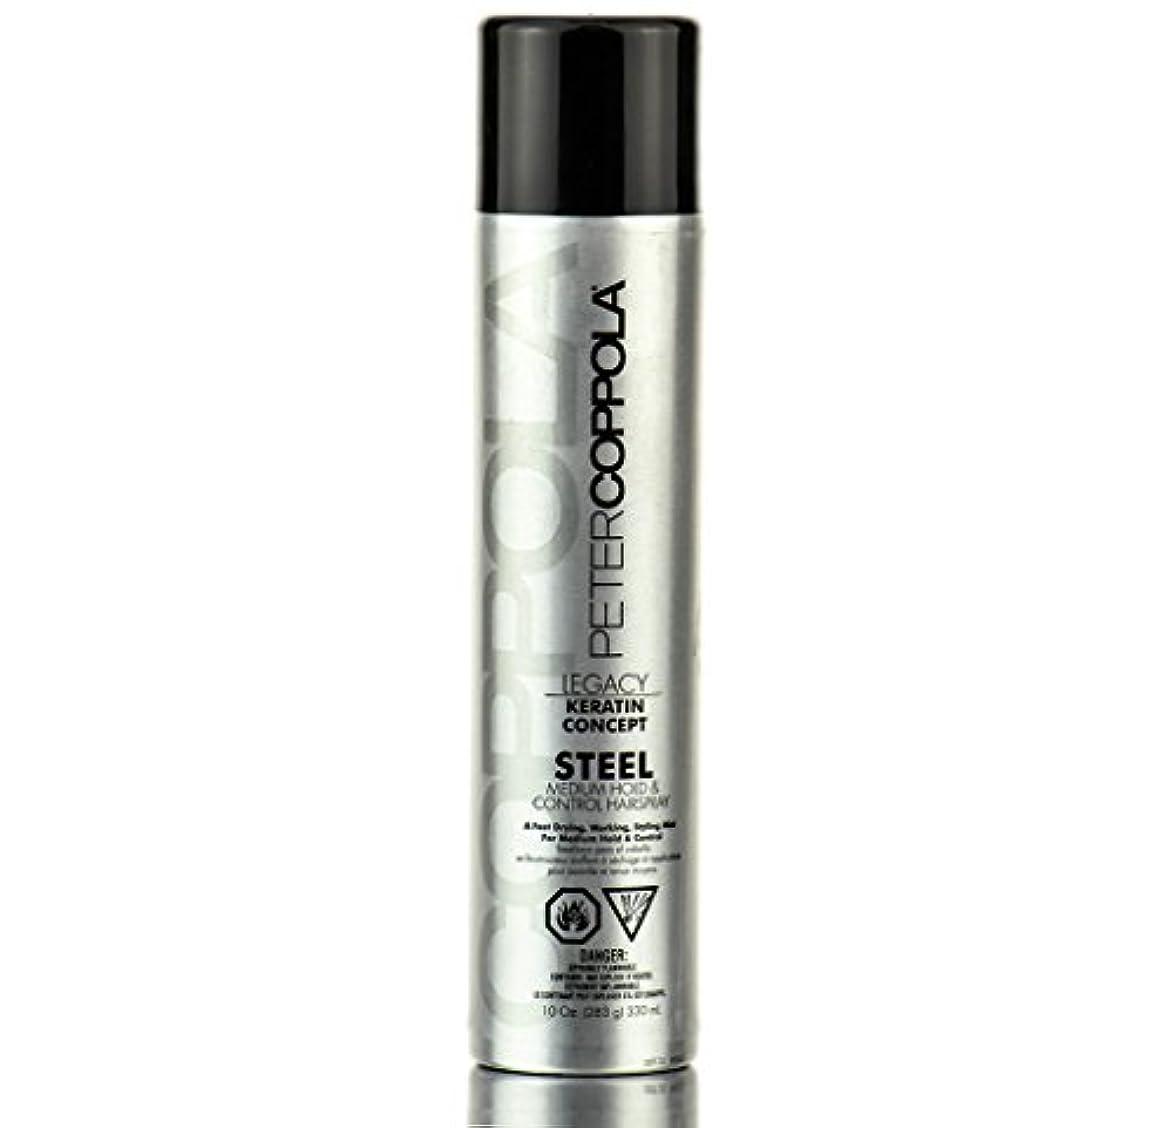 絶望同種の旅客Peter Coppola スチールヘアスプレー - 軽量、ミディアムホールド、柔軟なホールドは、スタイリングヘアボリューム&スタイリングのすべての髪のタイプを追加するための10オンスミディアムシャインスプレー medium_hold